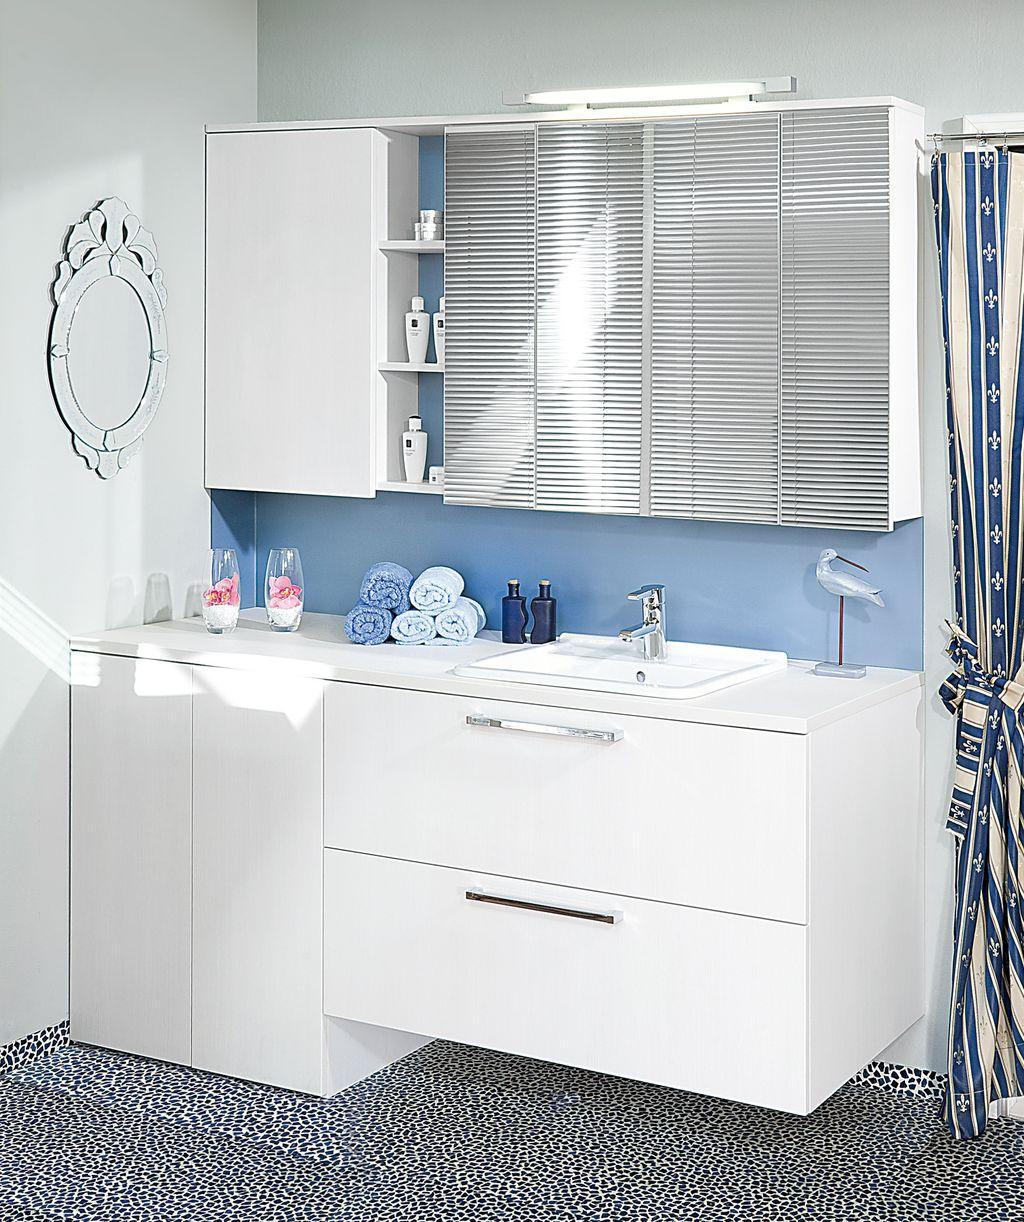 Einzelbad mit Waschmaschinenverbau